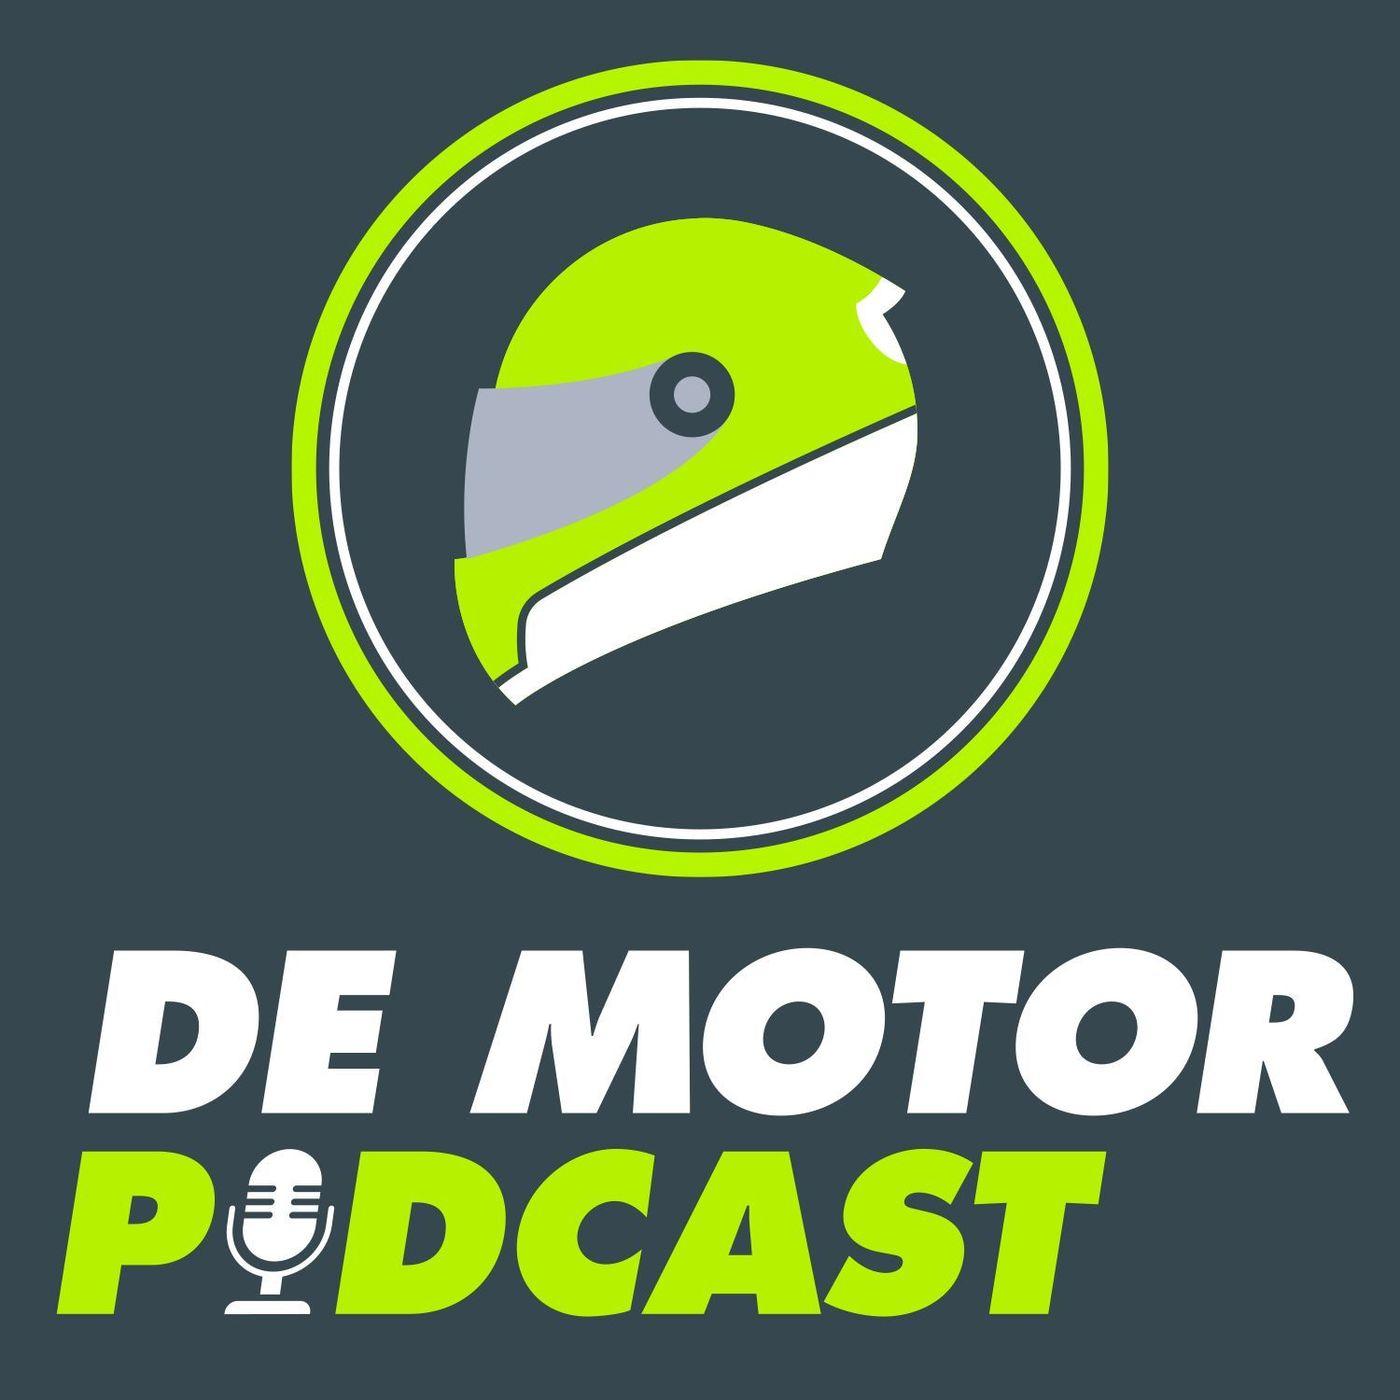 De Motor Podcast logo